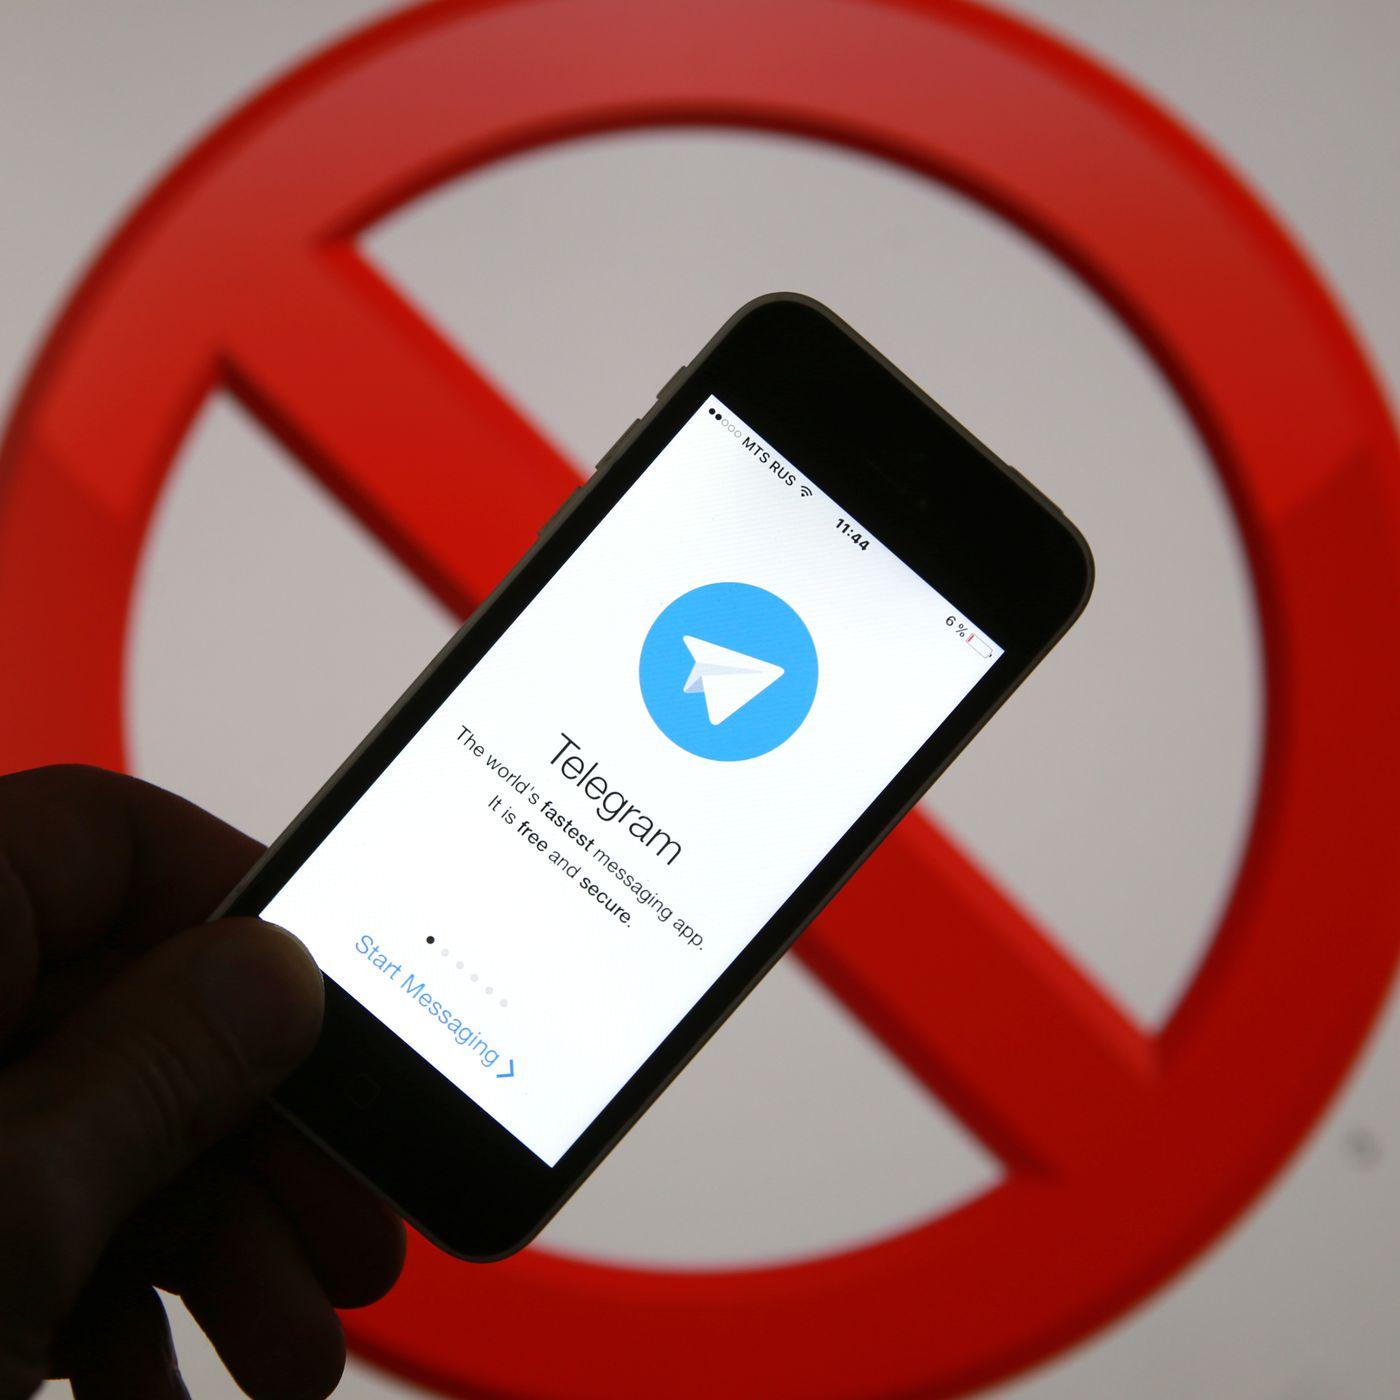 Terrorists' love for Telegram, explained - Vox